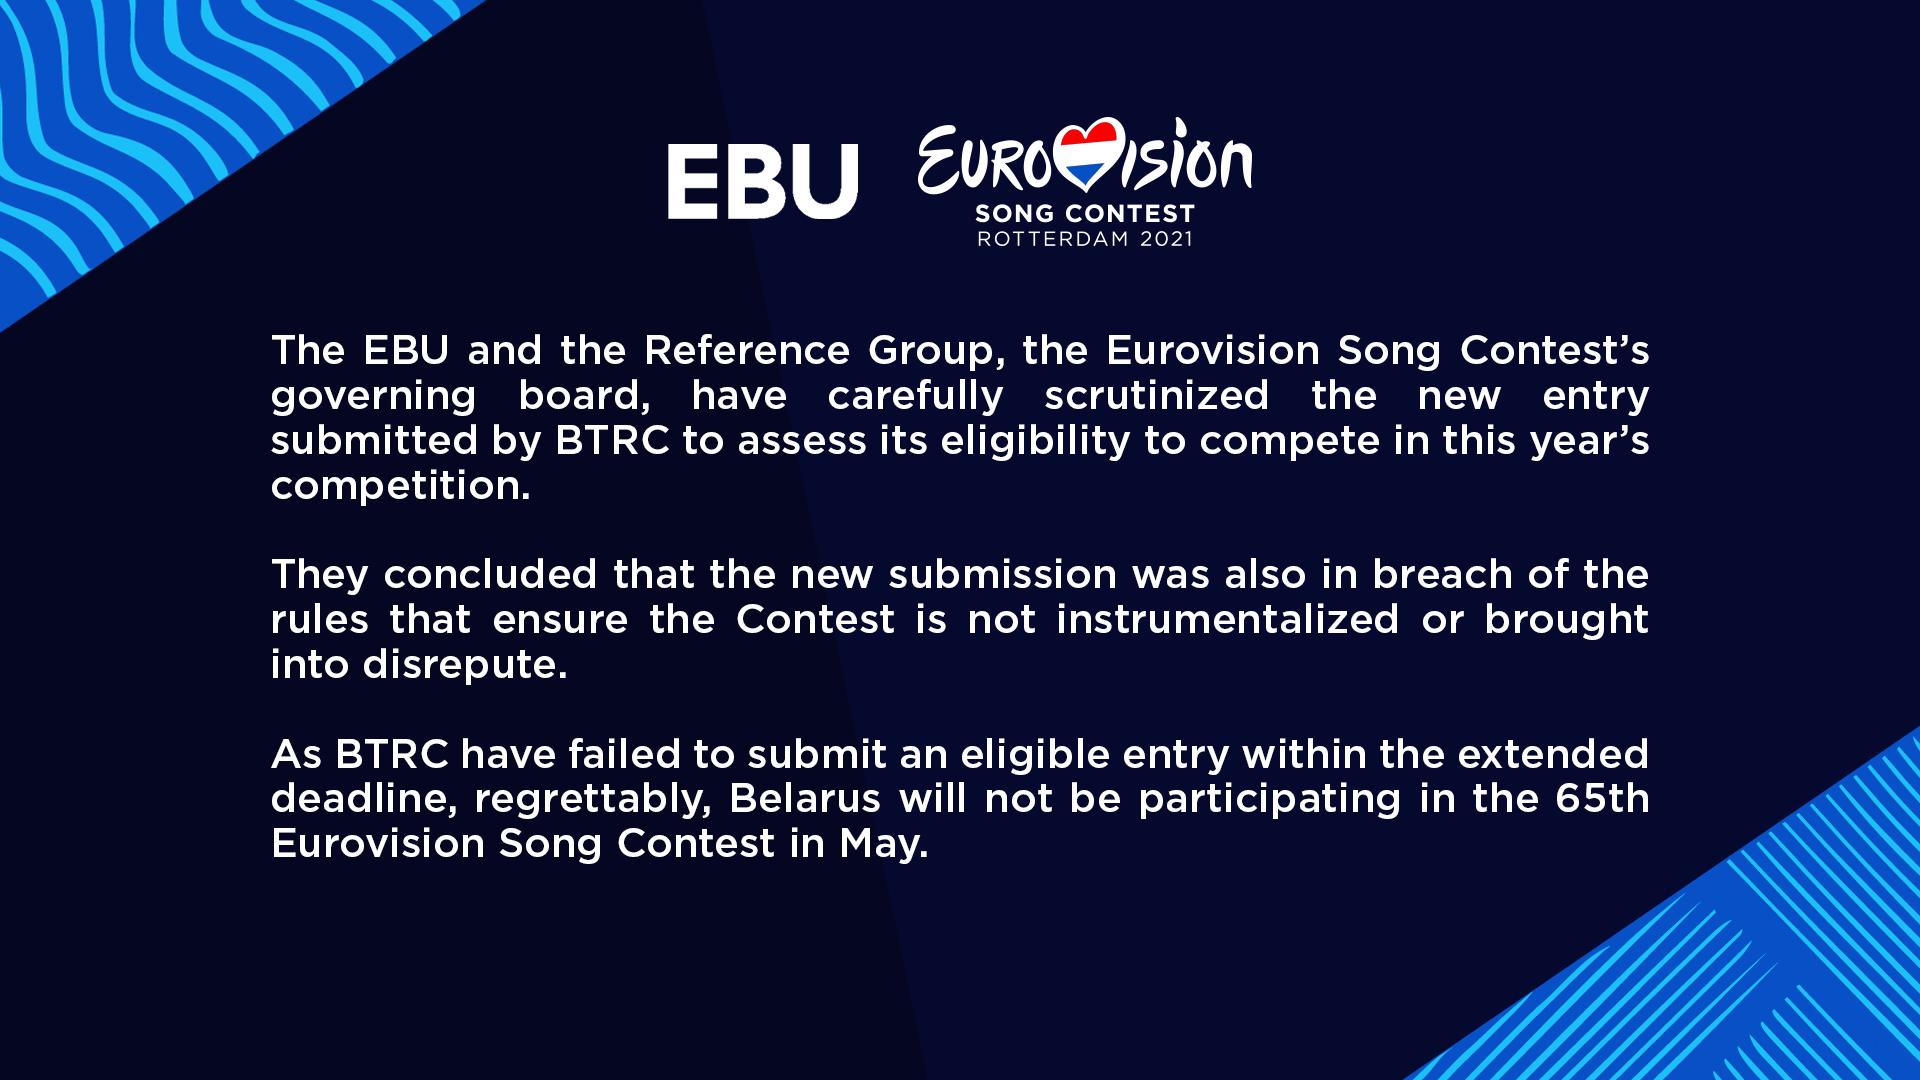 EBU-uttalande